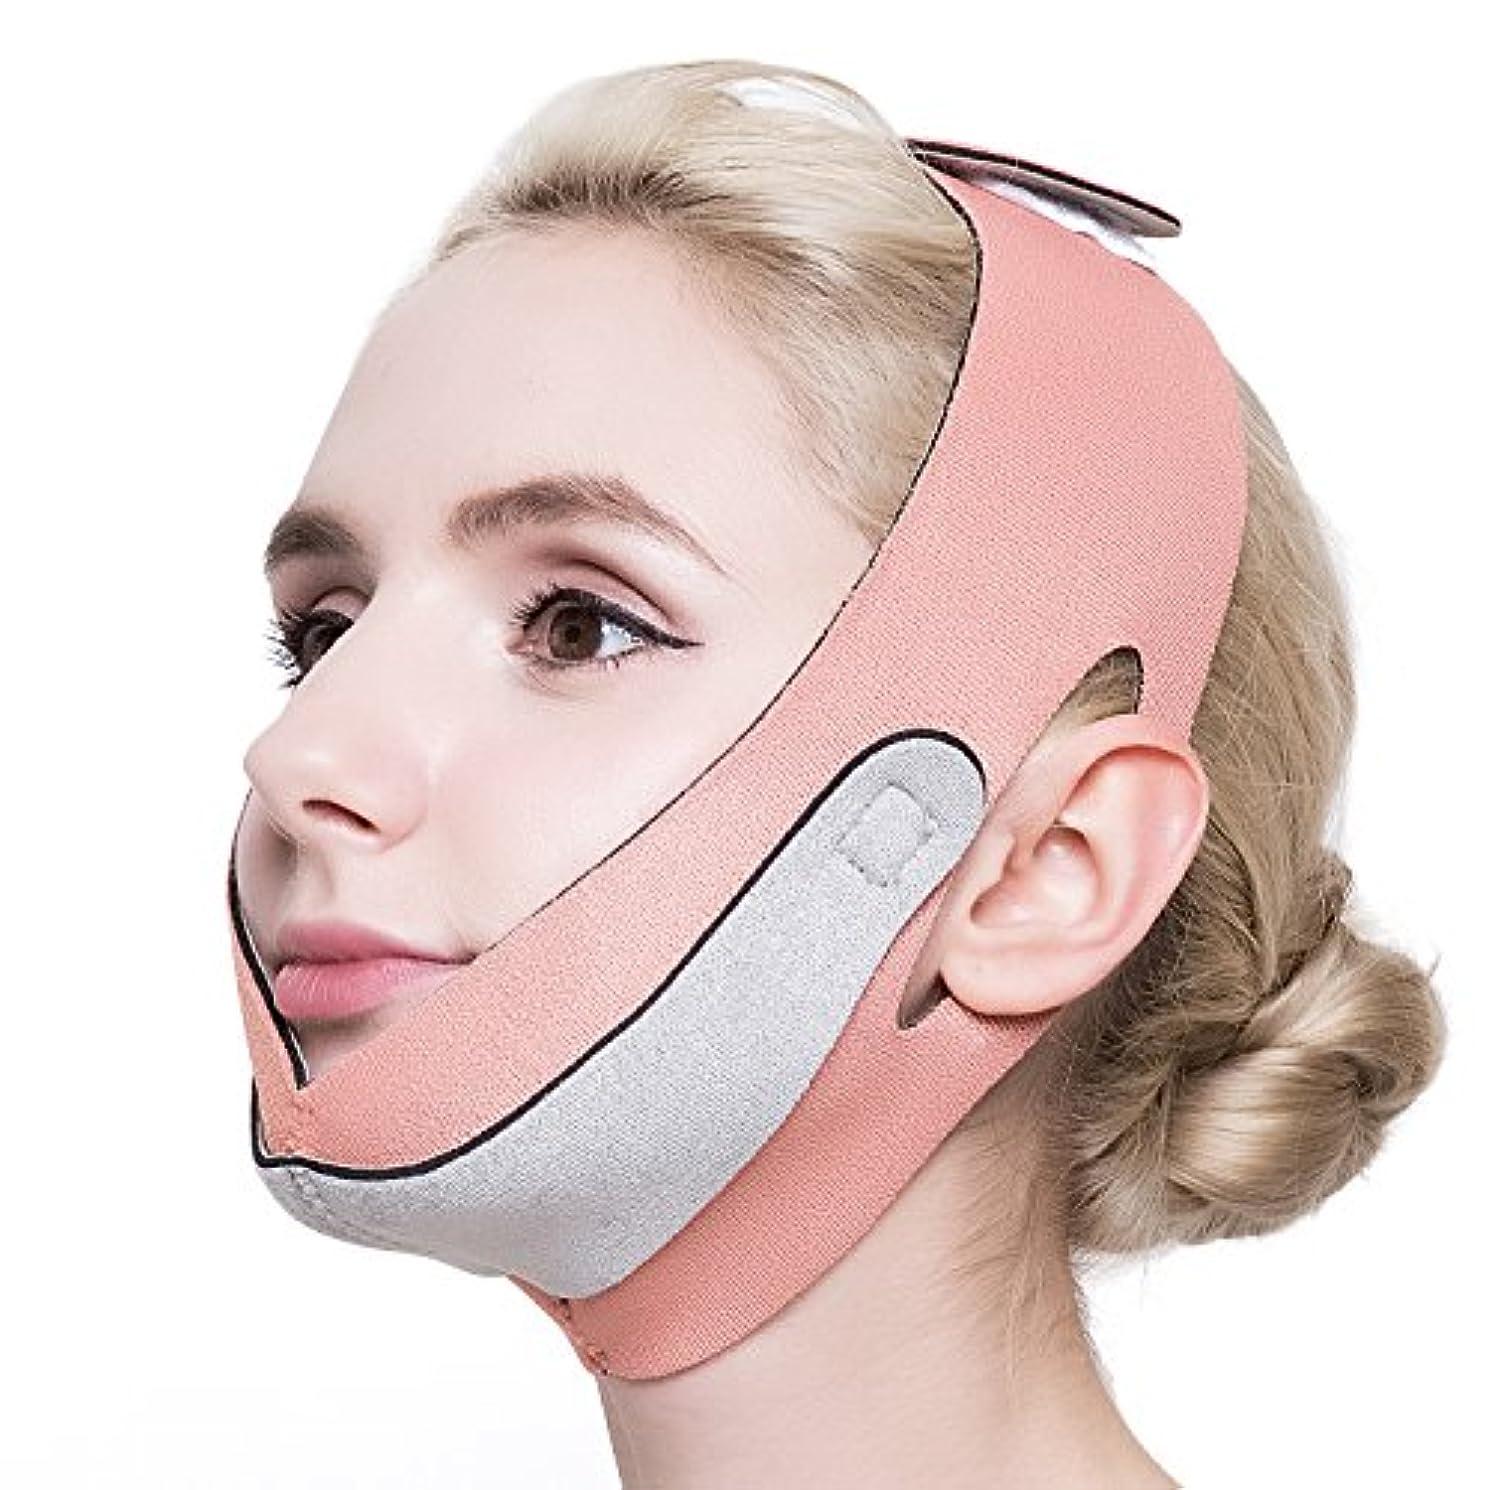 出しますレンド体細胞PLEASINGSAN 小顔 矯正 顔痩せ グッズ フェイスマスク ベルト メンズ レディース